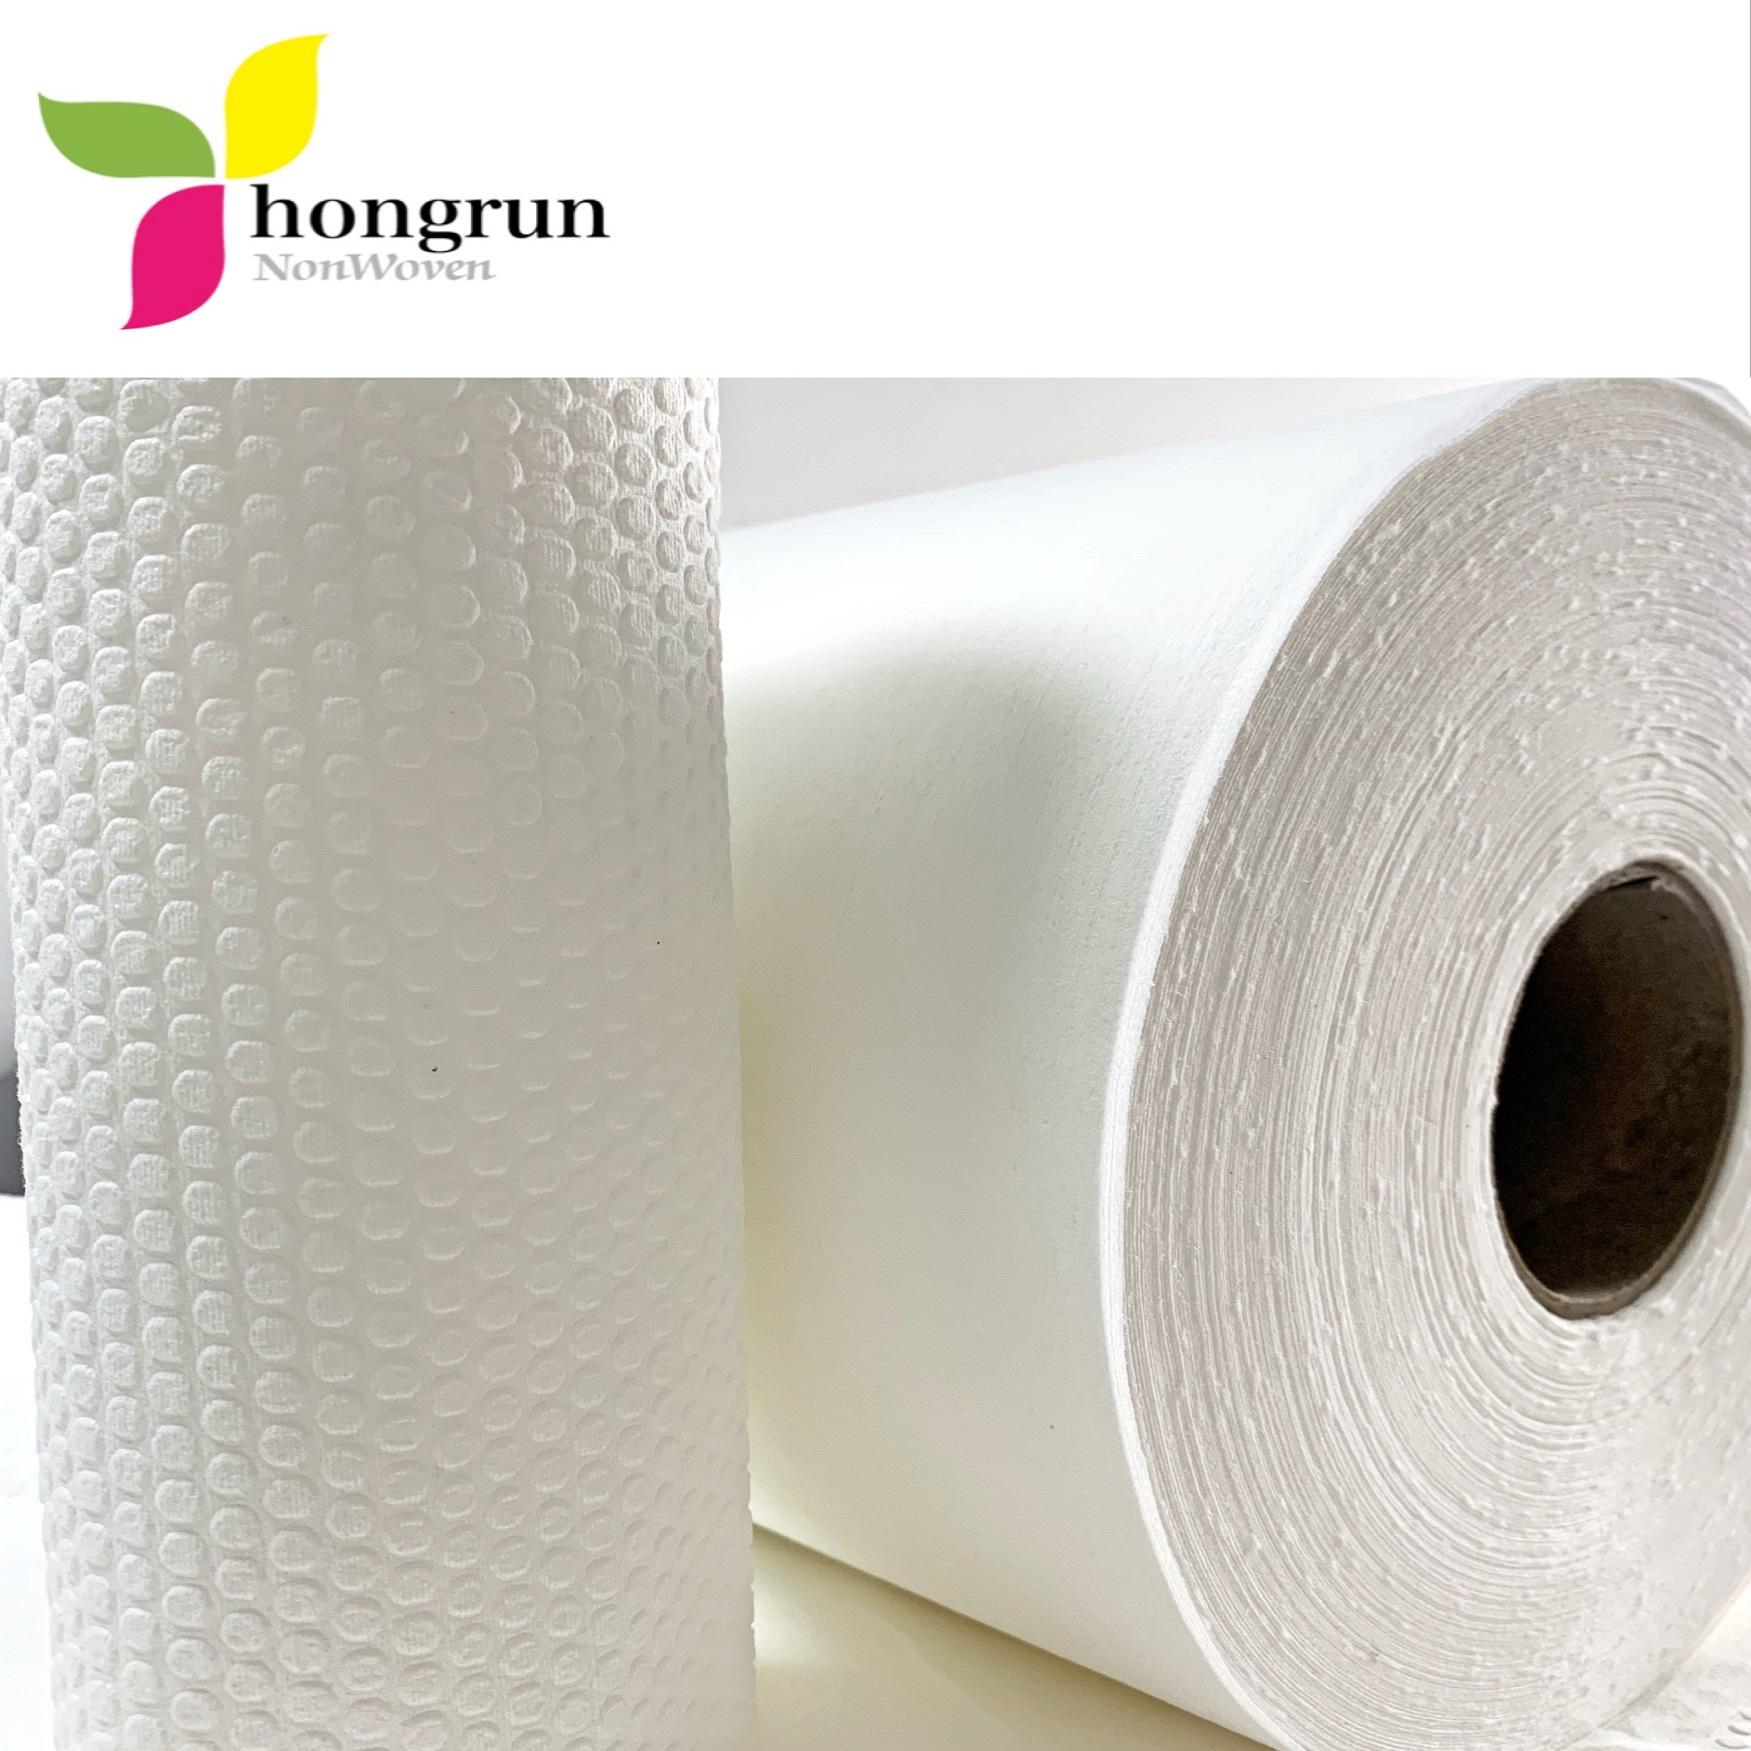 PP wood pulp composite spunlace non-woven fabric